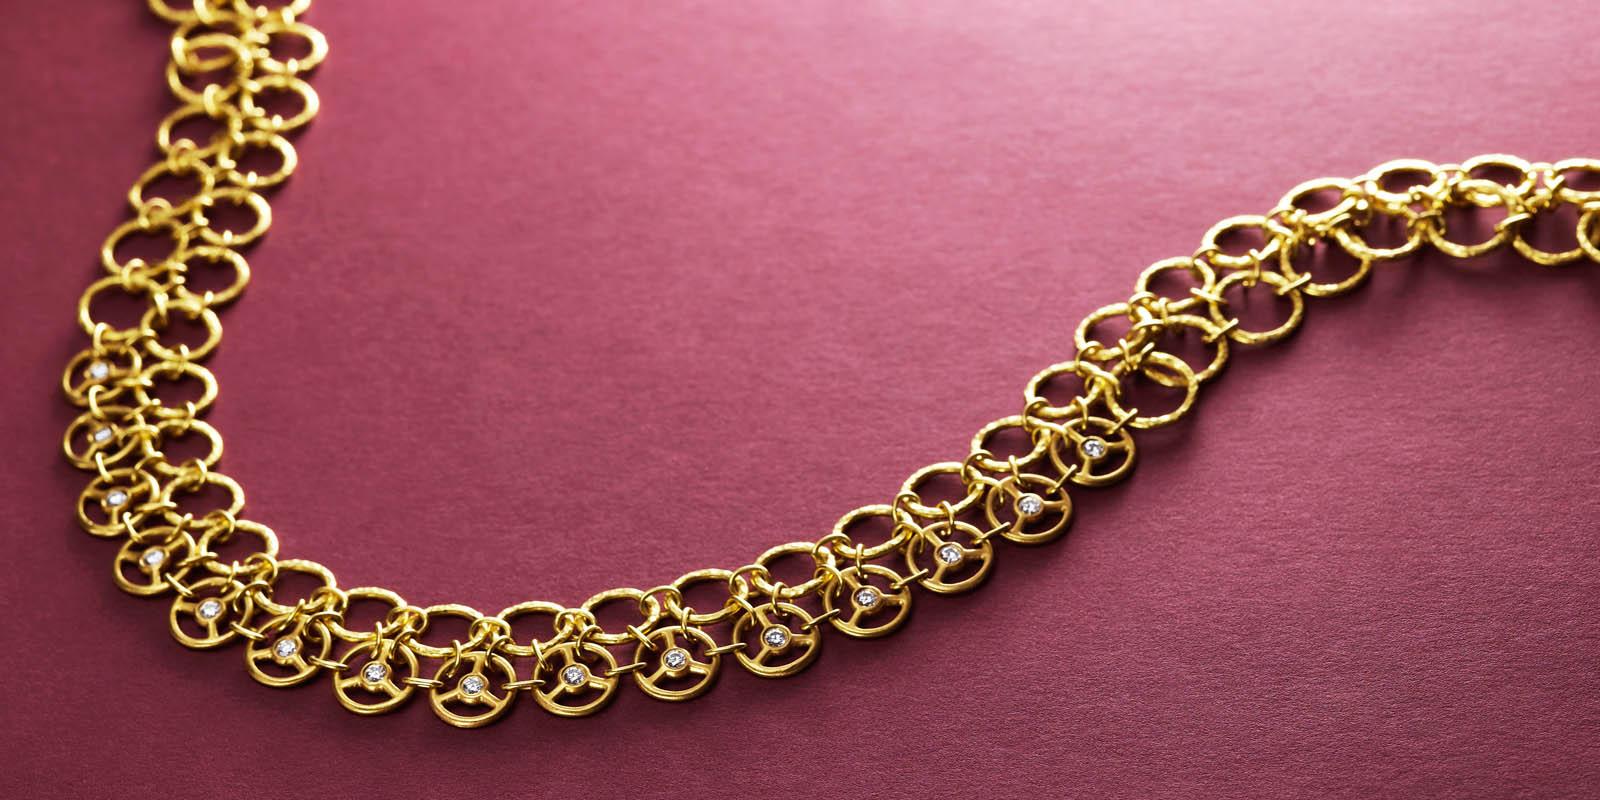 Samurai necklace with diamonds and 22 karat gold.